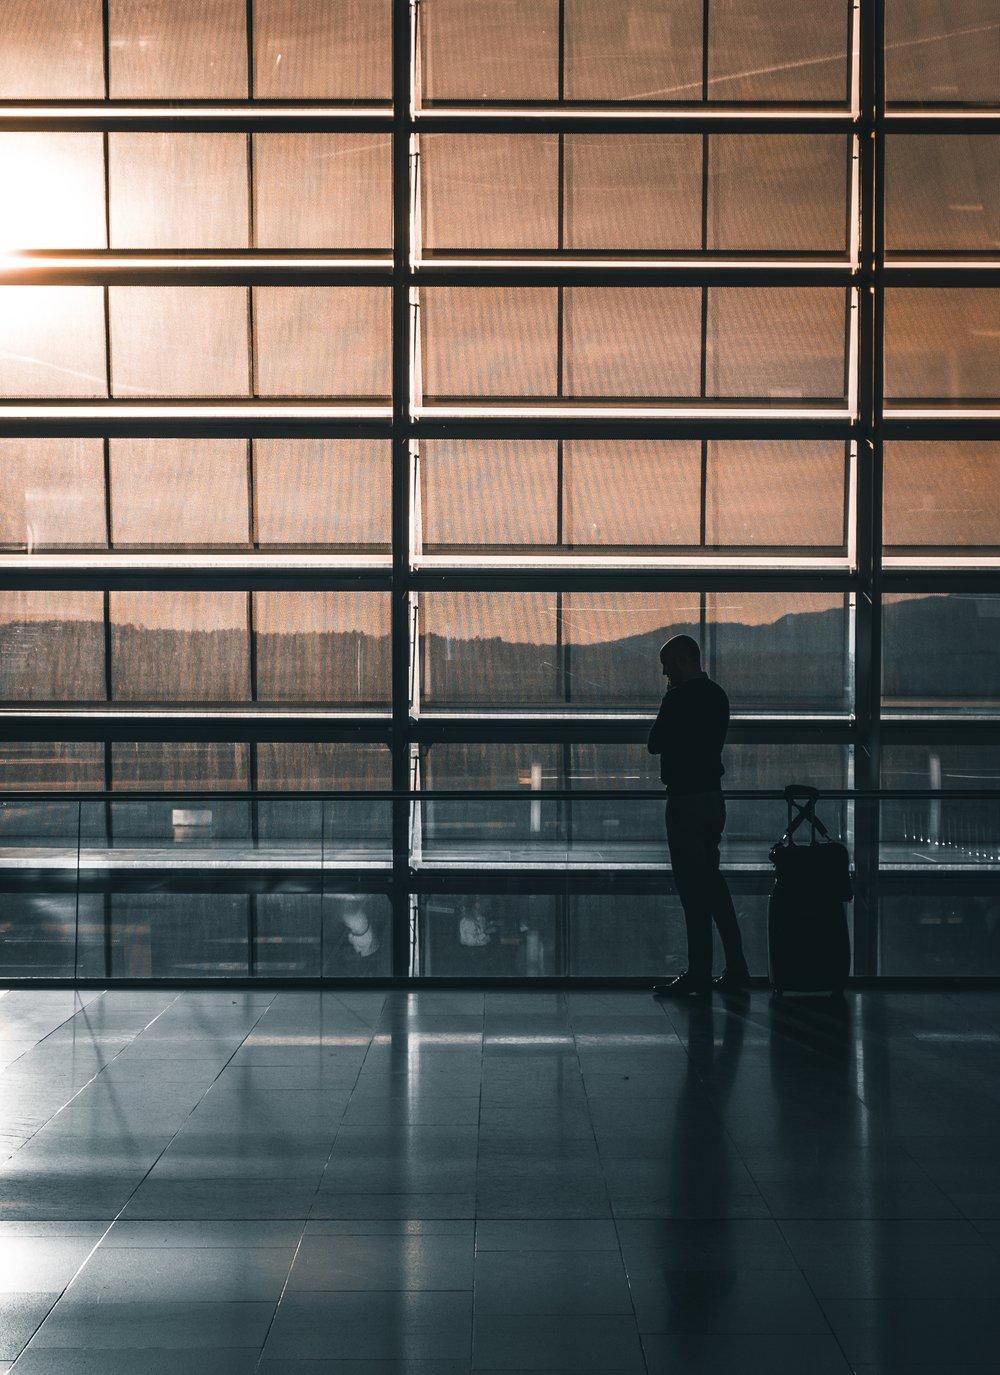 GESCHÄFTSREISEN  Damit Sie sich auf Ihre Geschäftstermine konzentrieren können, organisieren unsere Reiseprofis Ihre Geschäftsflüge, Mietwagen, Hotels uvm.